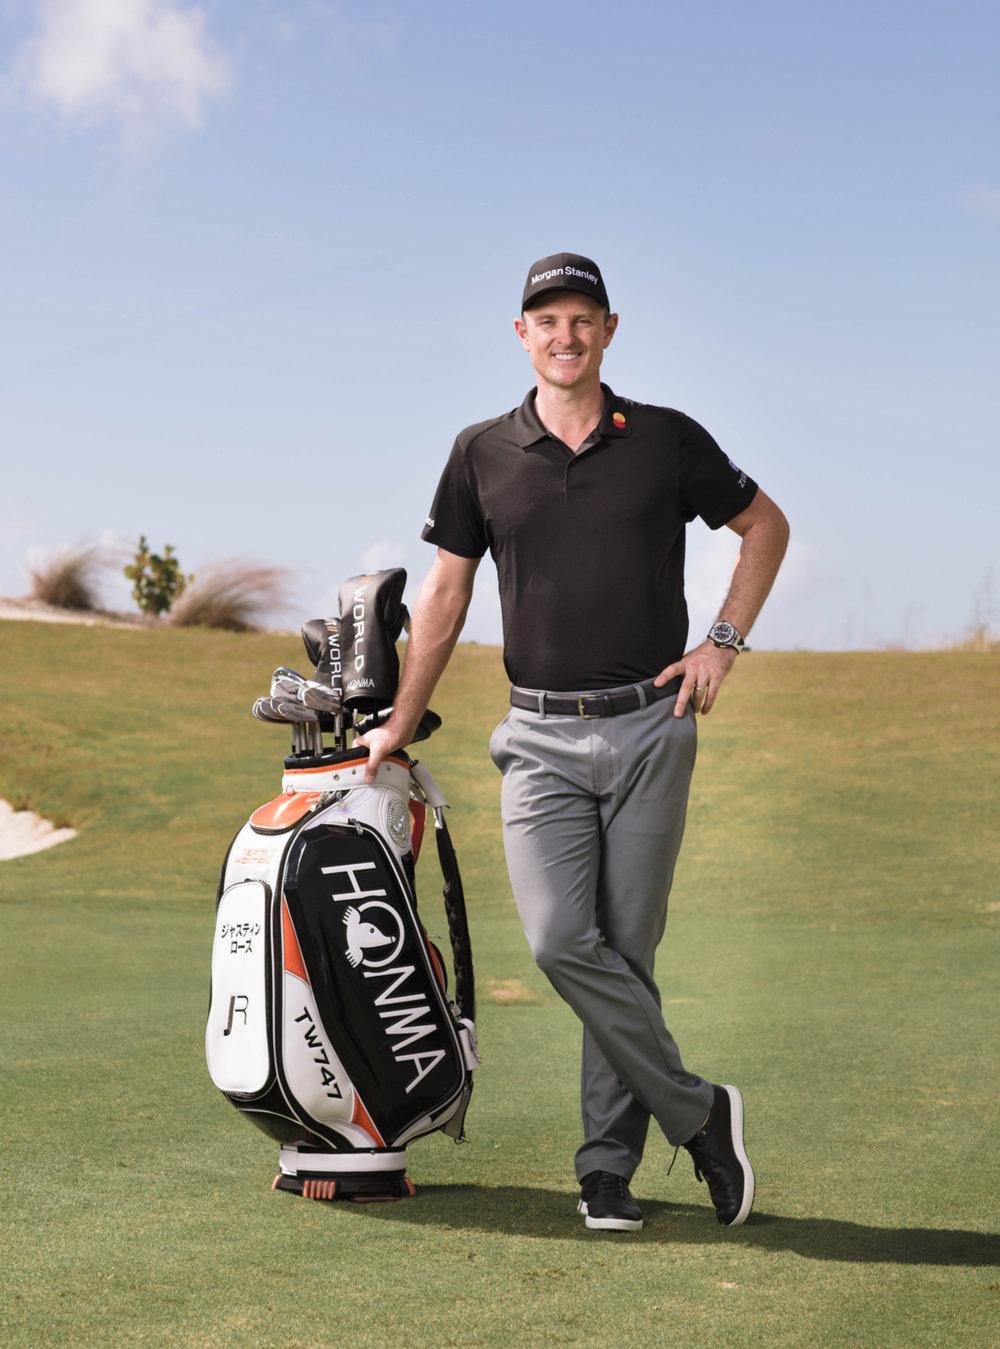 """Die neue T/World - Die neue  TWorld Serie von HONMA, spricht vor allem die sportlichen Golfer an. Hier liegt der Fokus auf Qualität und Präzision. Trotz des vergleichbar niedrigen Preises, sind alle Köpfe und Schäfte """"Made in Japan"""". Der erste große Markenbotschafter dieser Serie ist Justin Rose."""